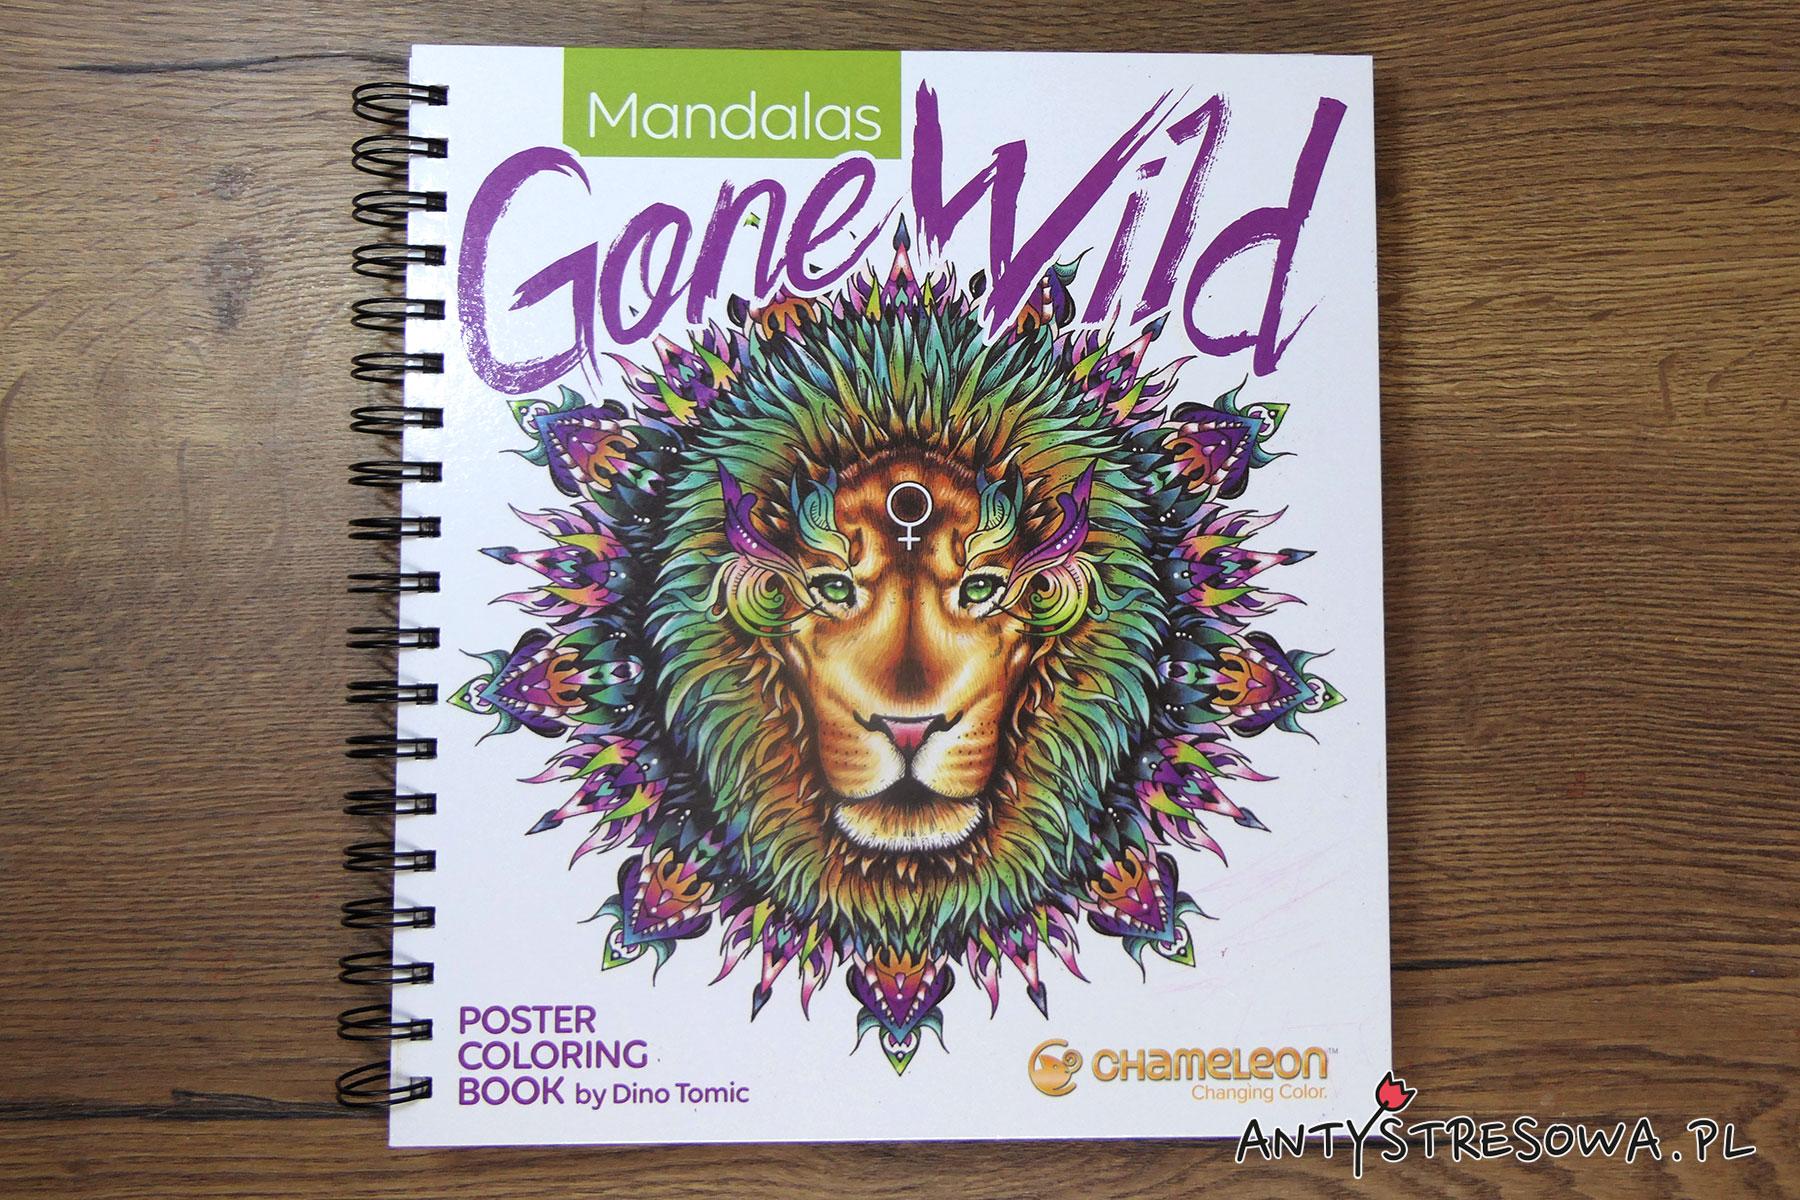 Mandalas Gone Wild - kolorowanka do markerów Chameleon